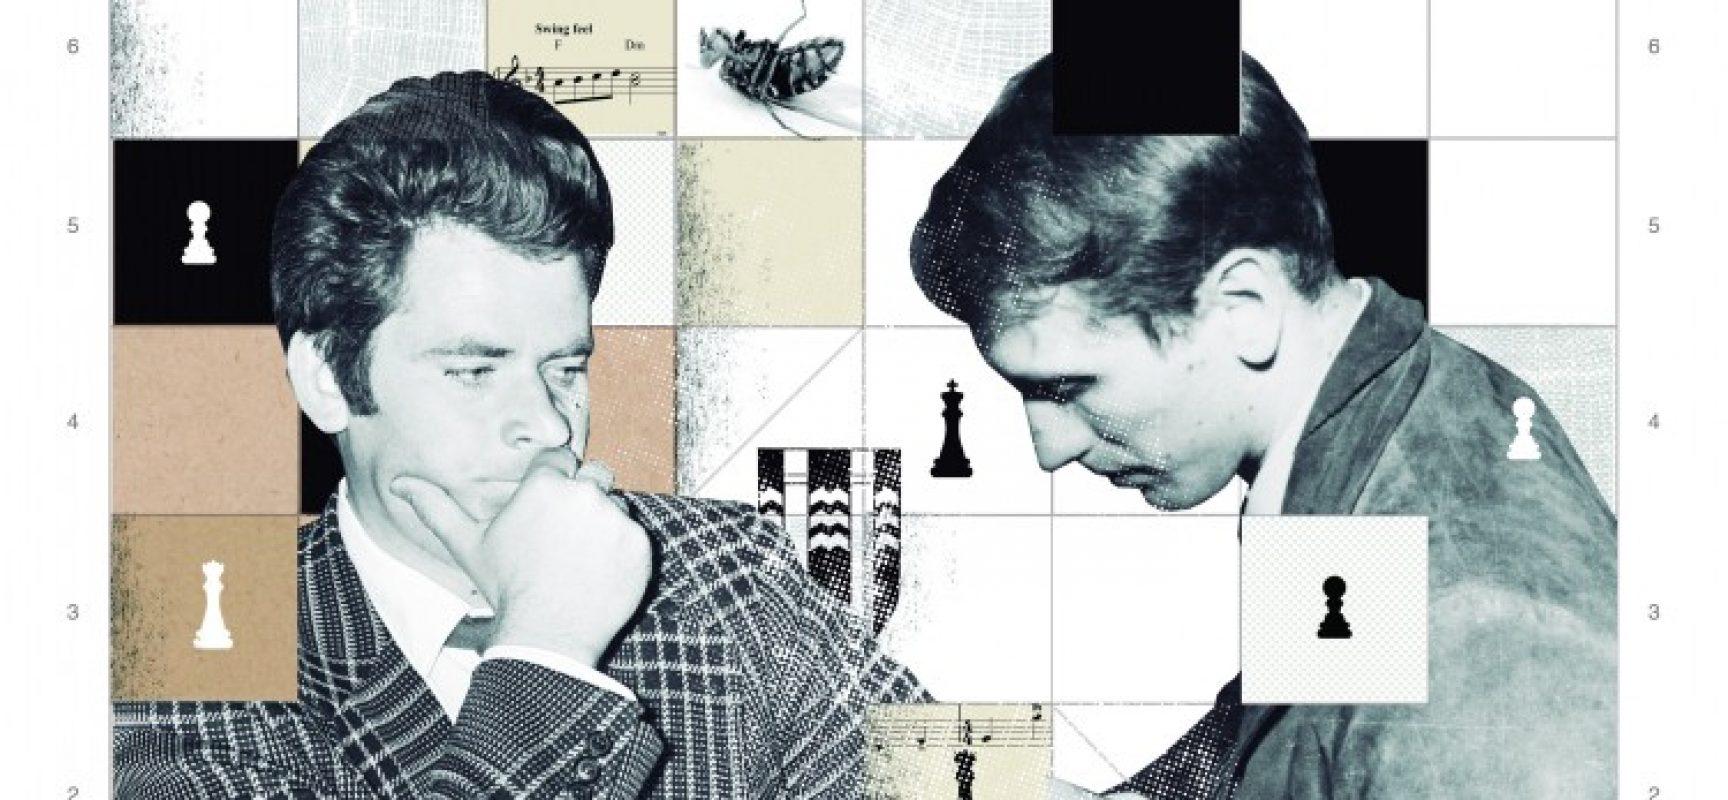 La Guerra Fría en el tablero… y dos moscas muertas